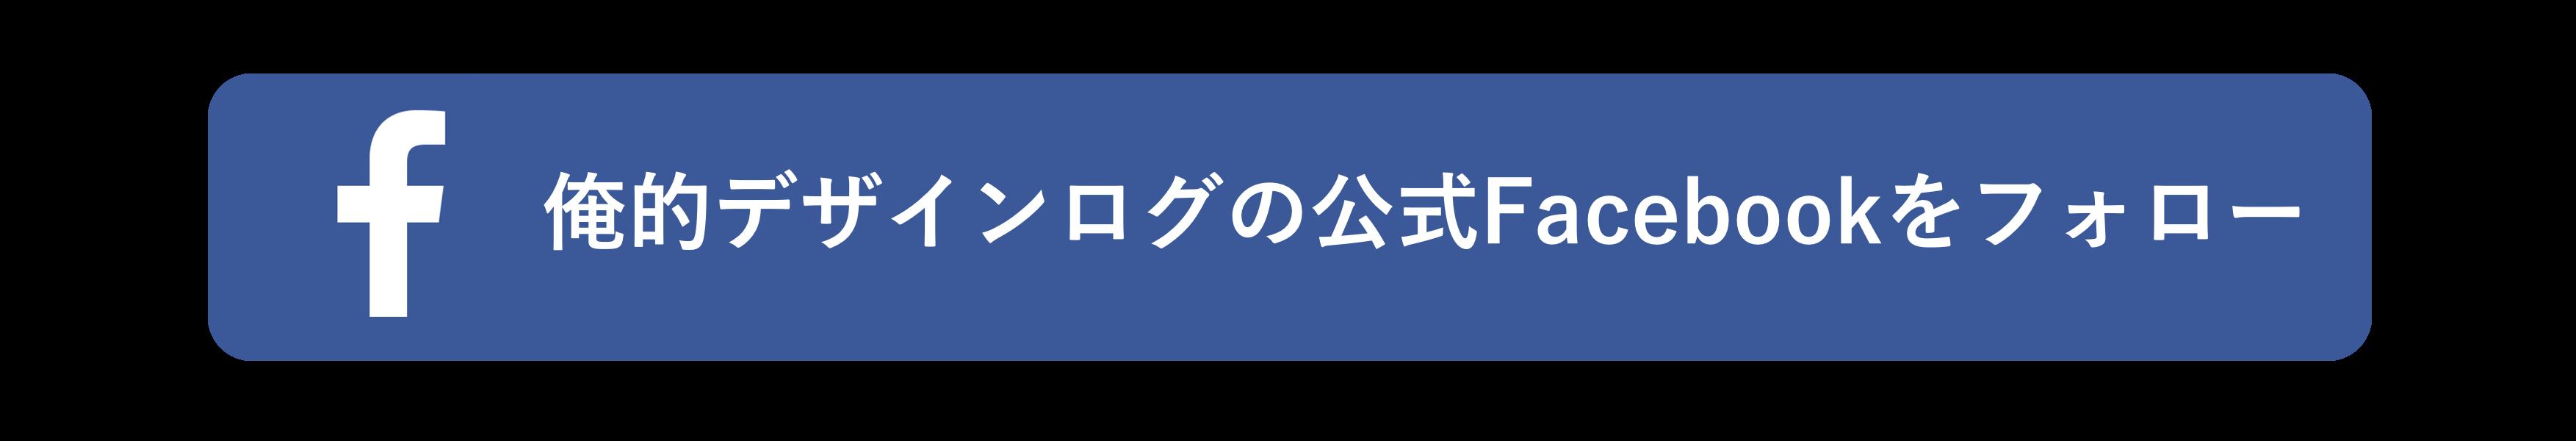 俺的デザインログ公式Facebookページの画像